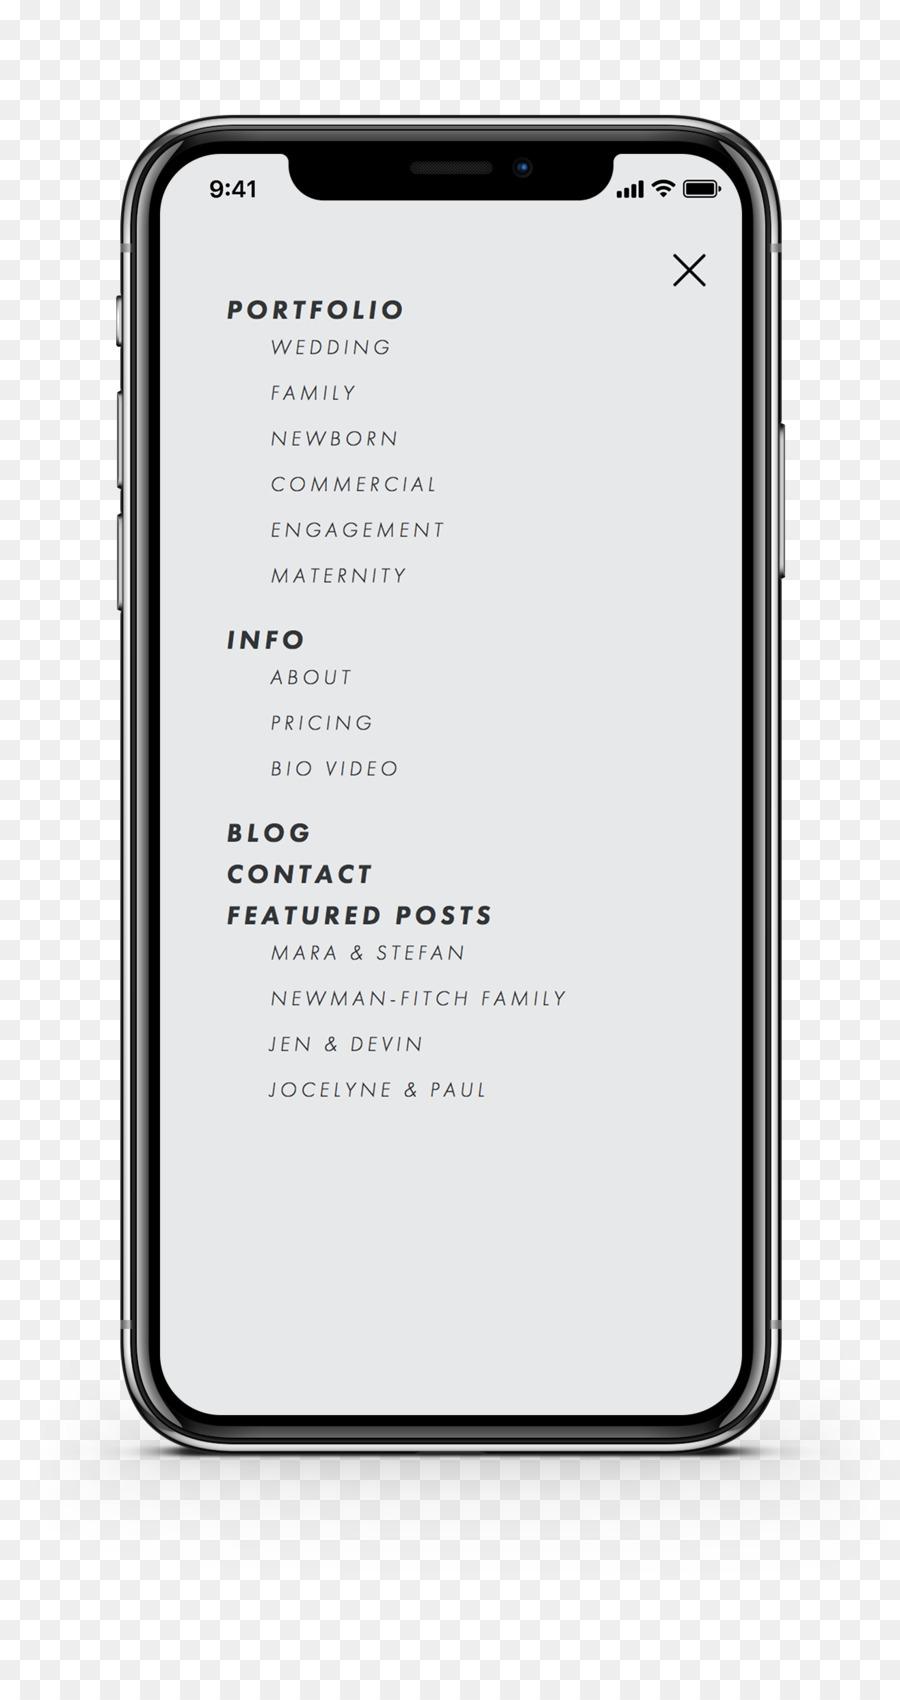 App Store De Apple IBooks - Creativo Maqueta Formatos De Archivo De ...